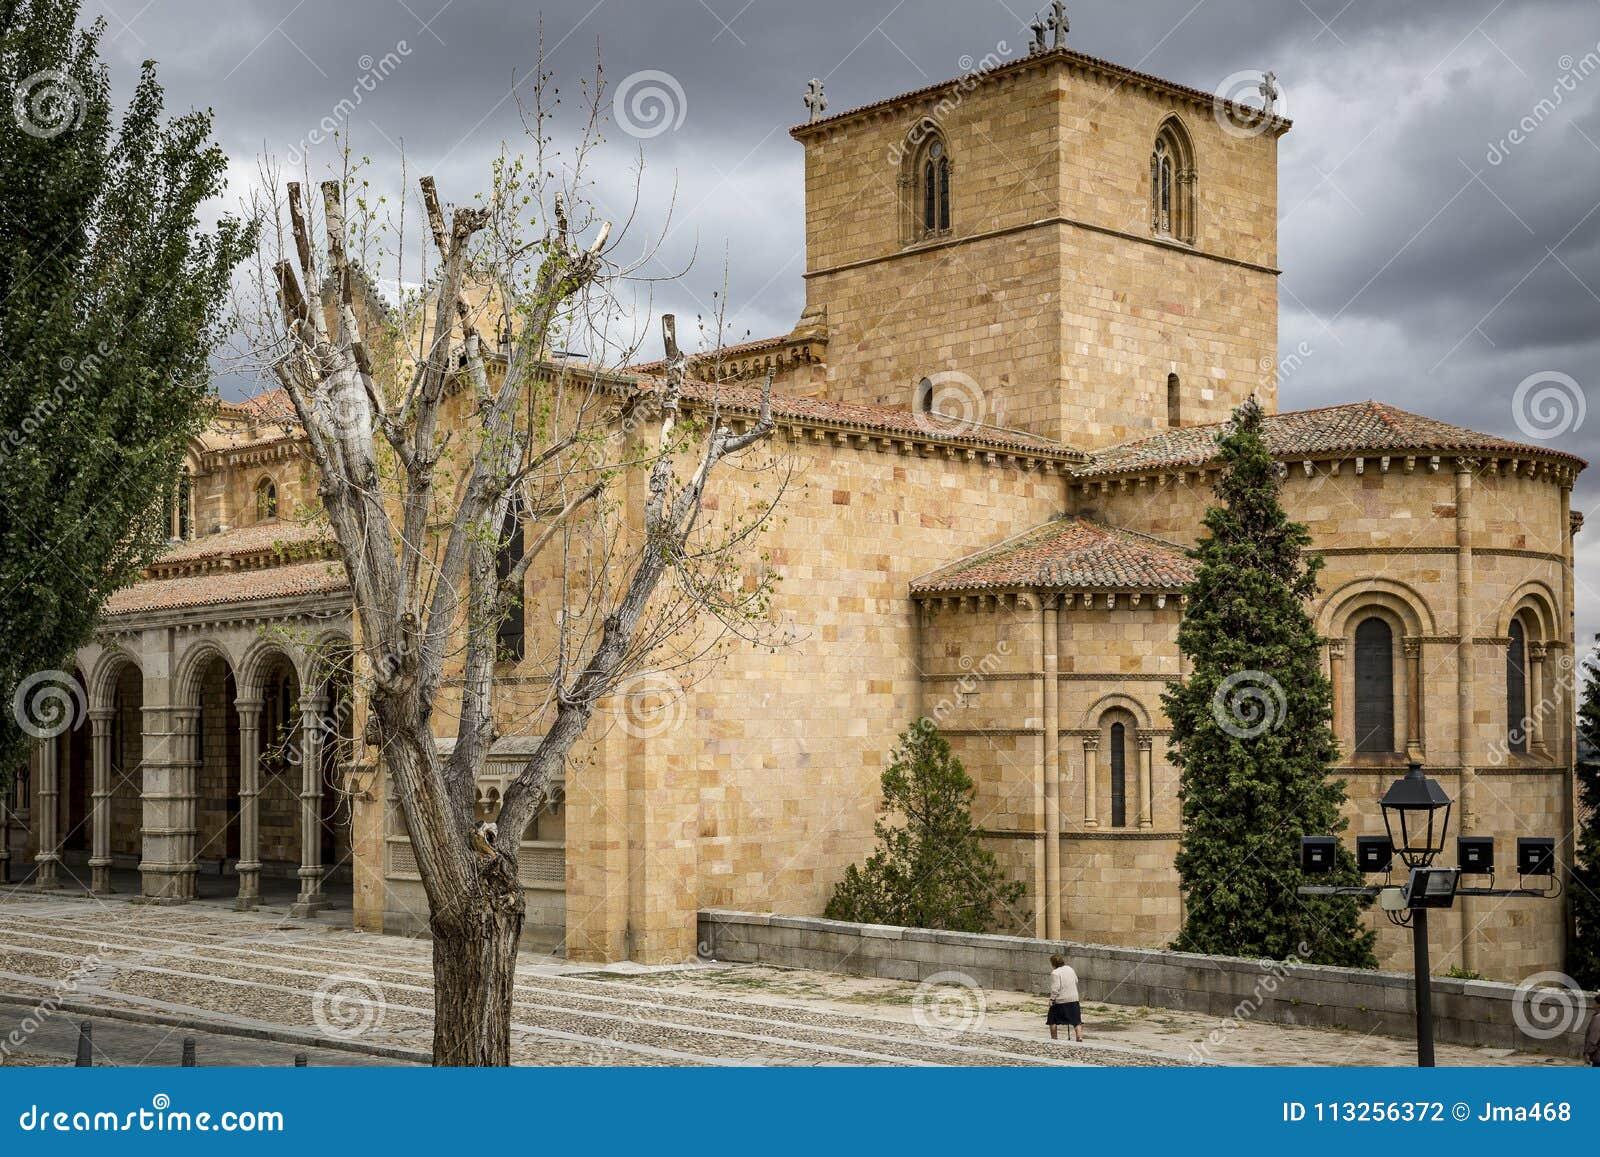 Basílica de San Vicente en la ciudad de Ávila